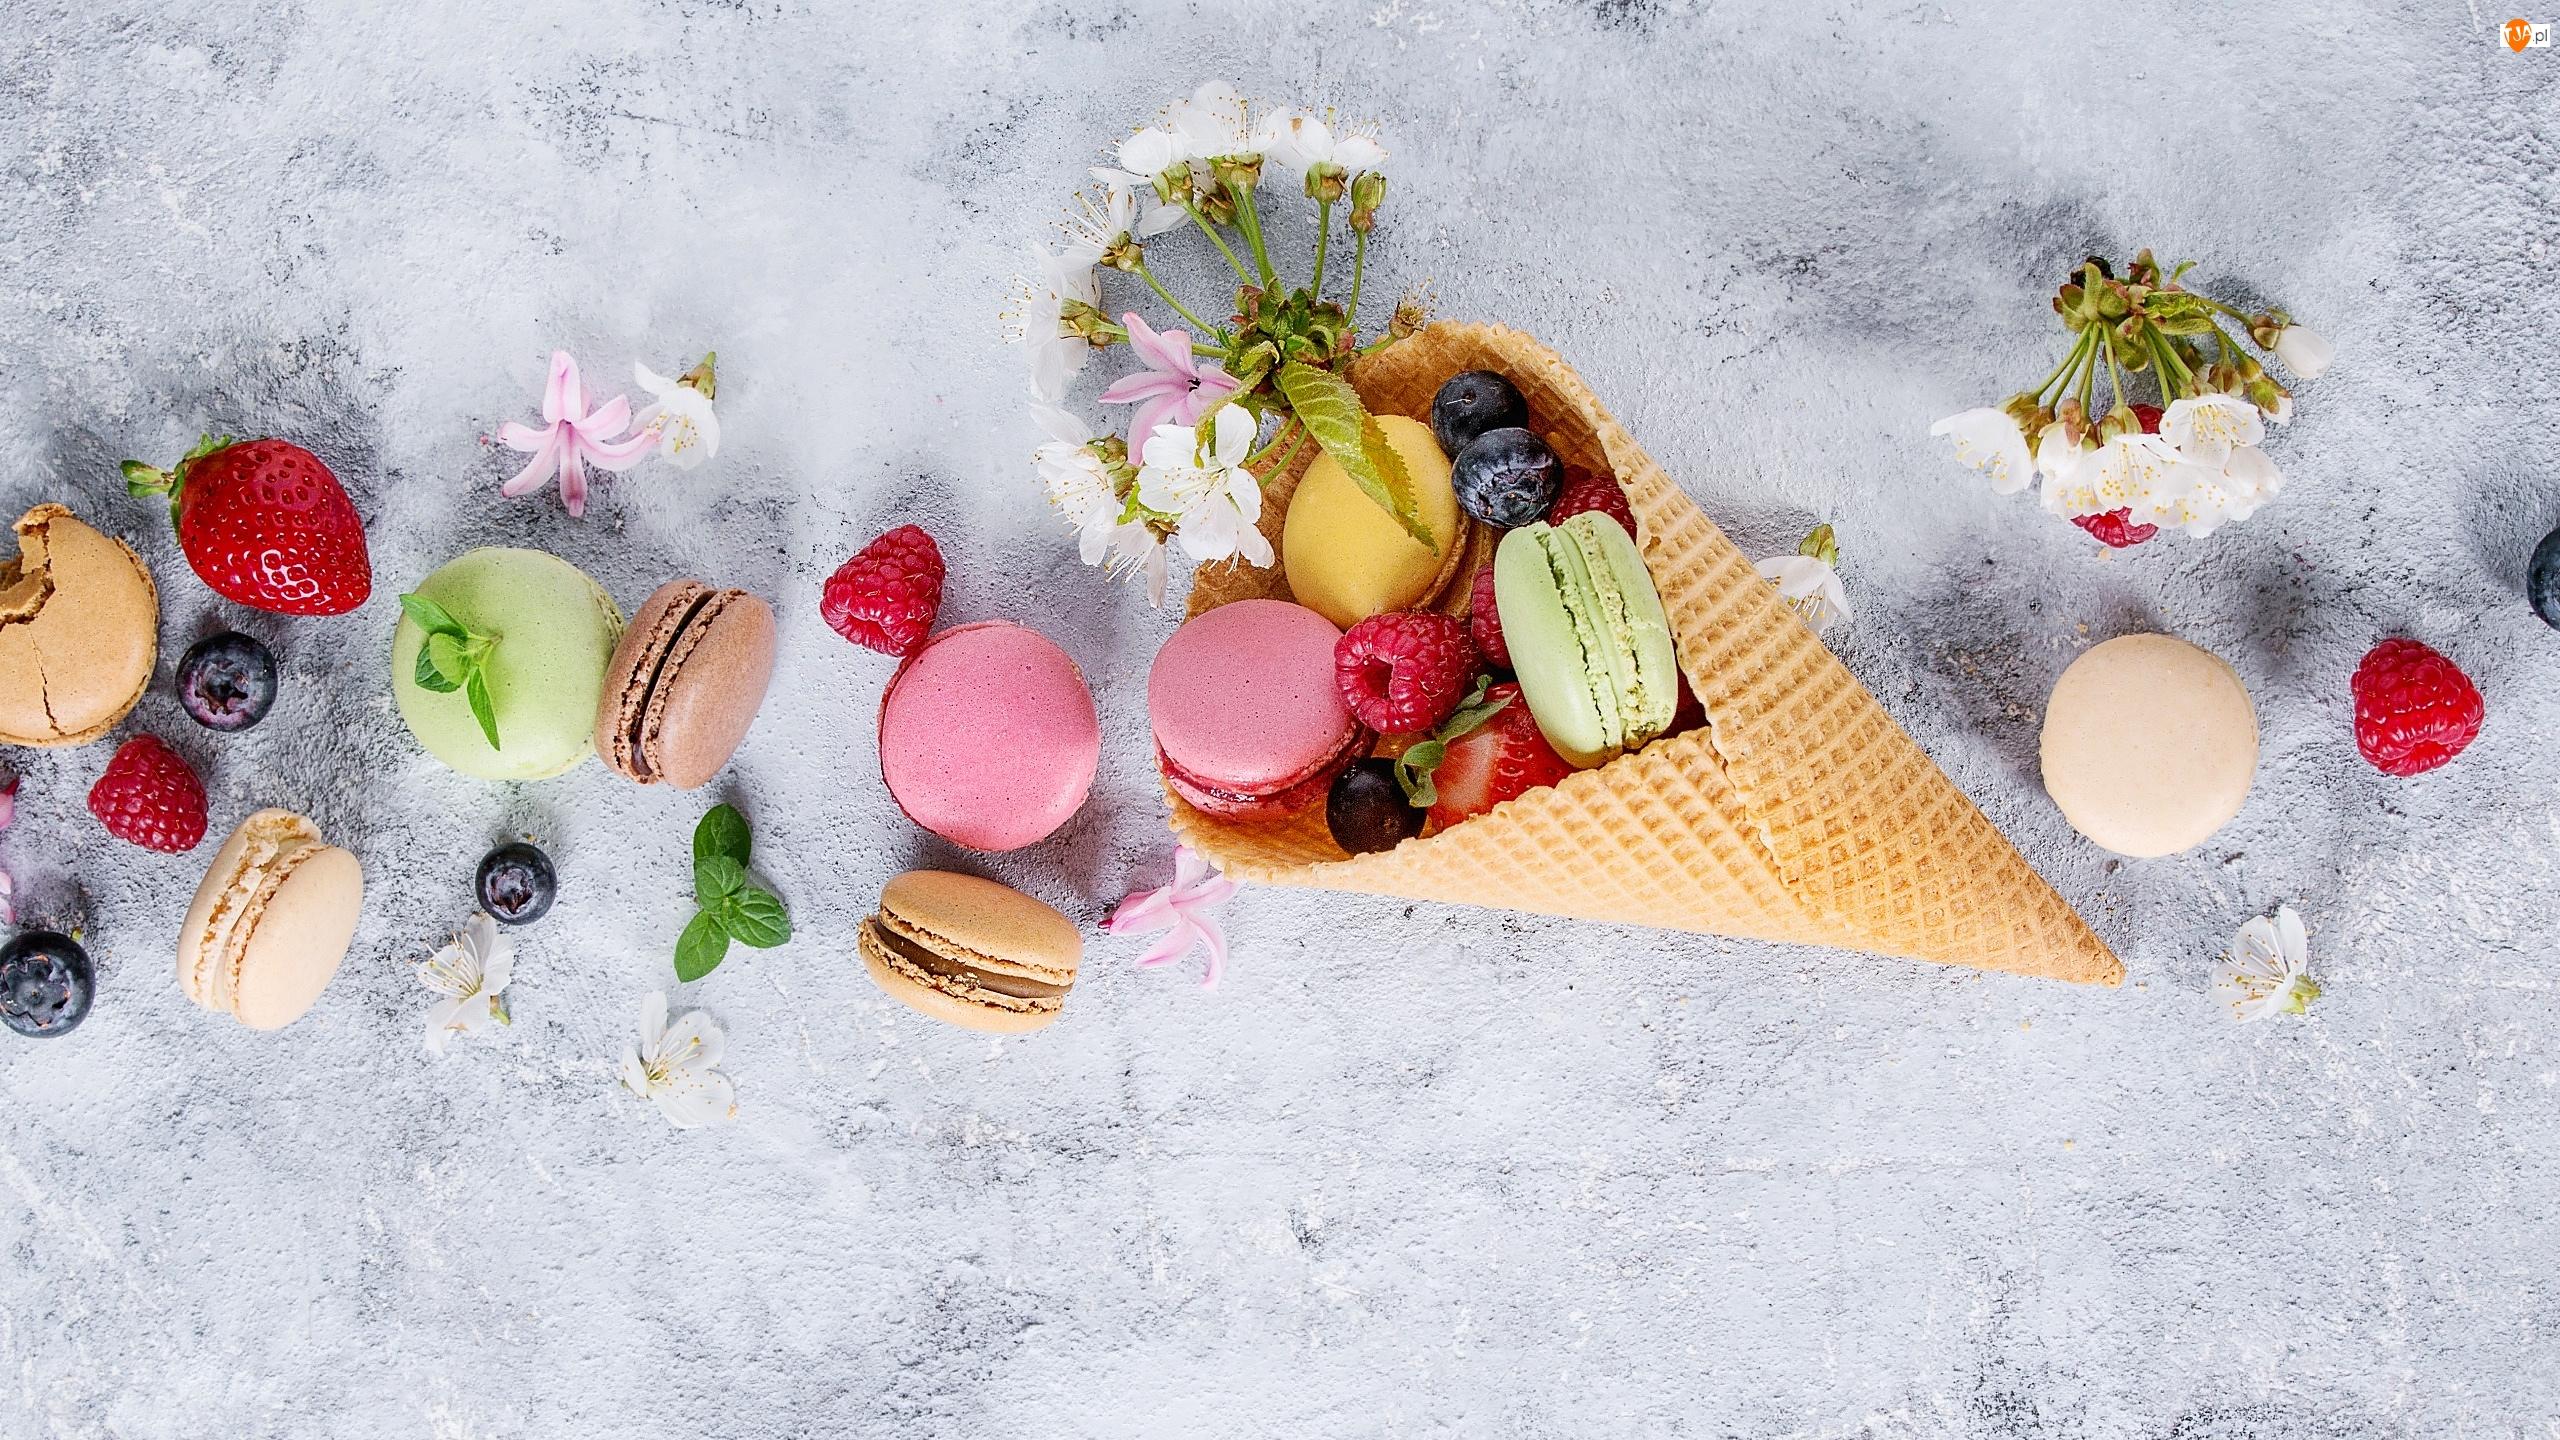 Kwiatki, Wafel, Makaroniki, Truskawki, Ciasteczka, Owoce, Maliny, Rożek, Jagody